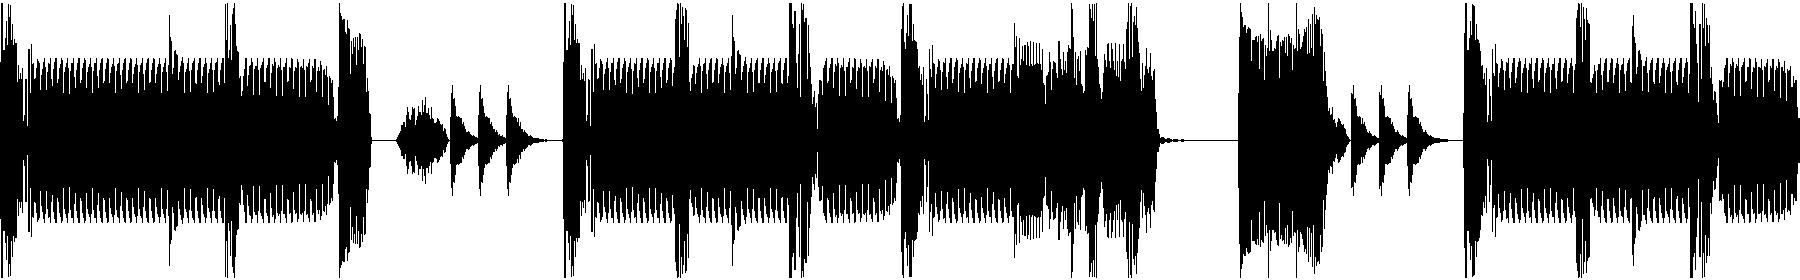 drum loop 2 125 bpm